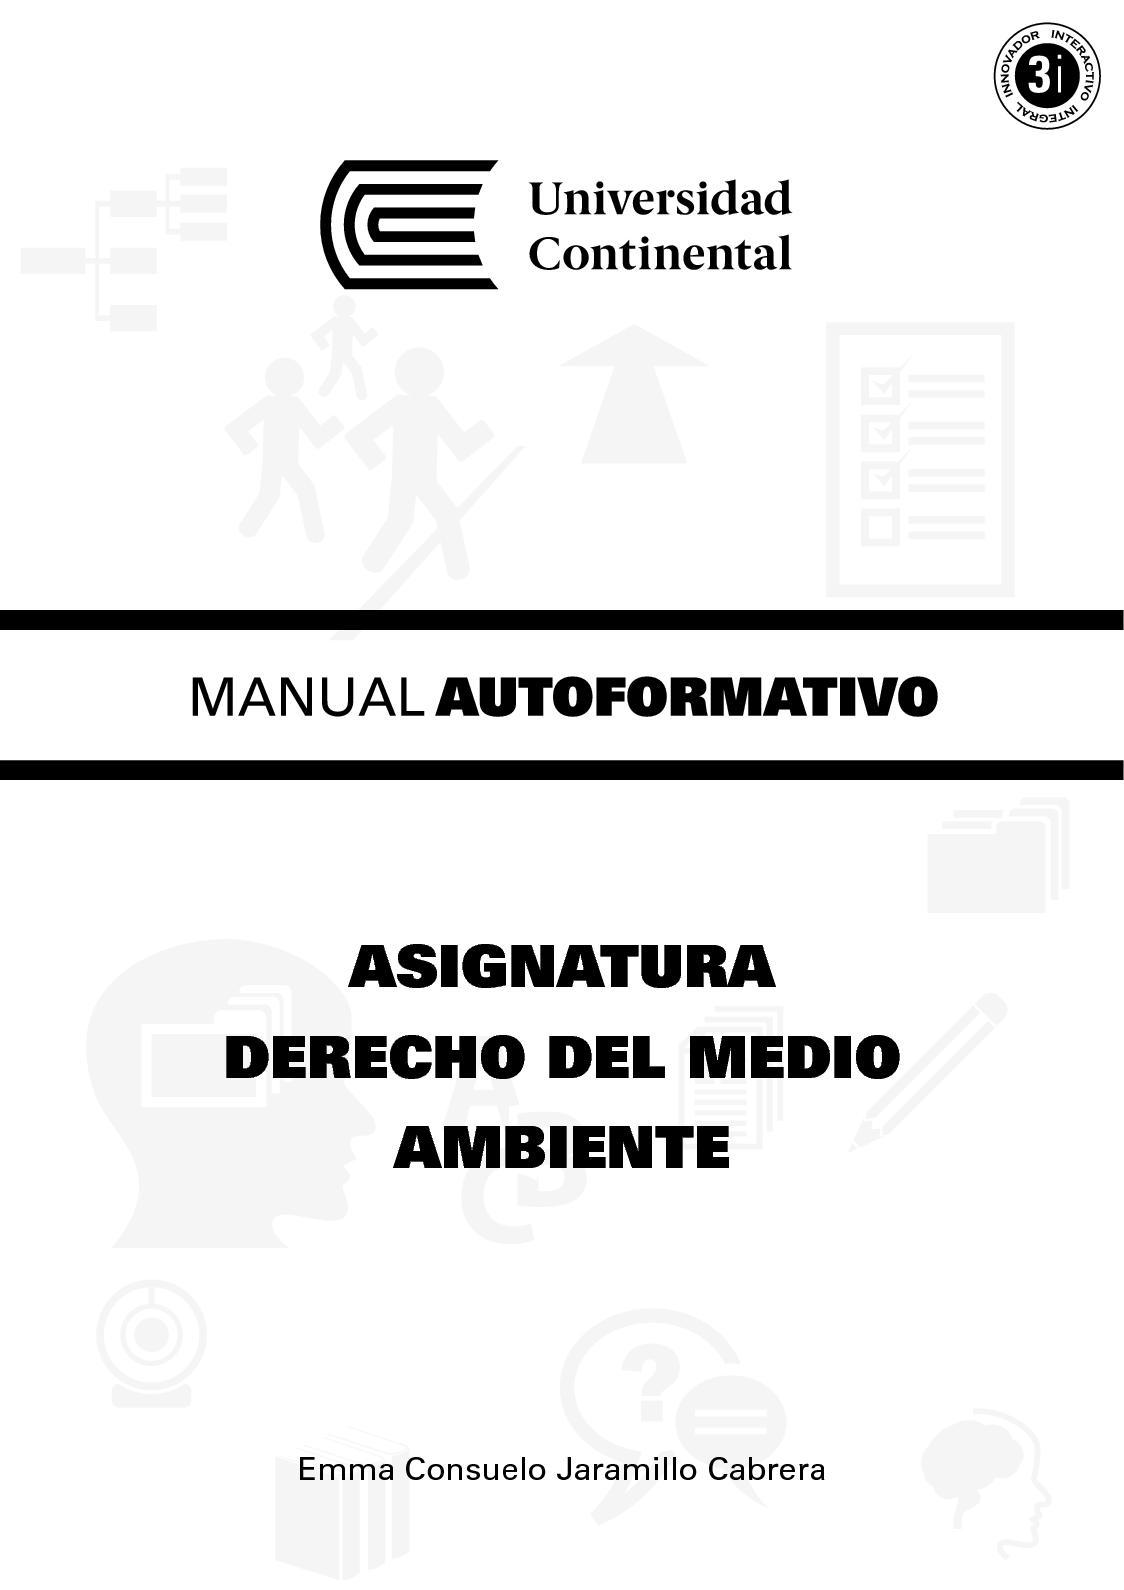 MANUAL Derecho Del Medio Ambiente A0113 2017